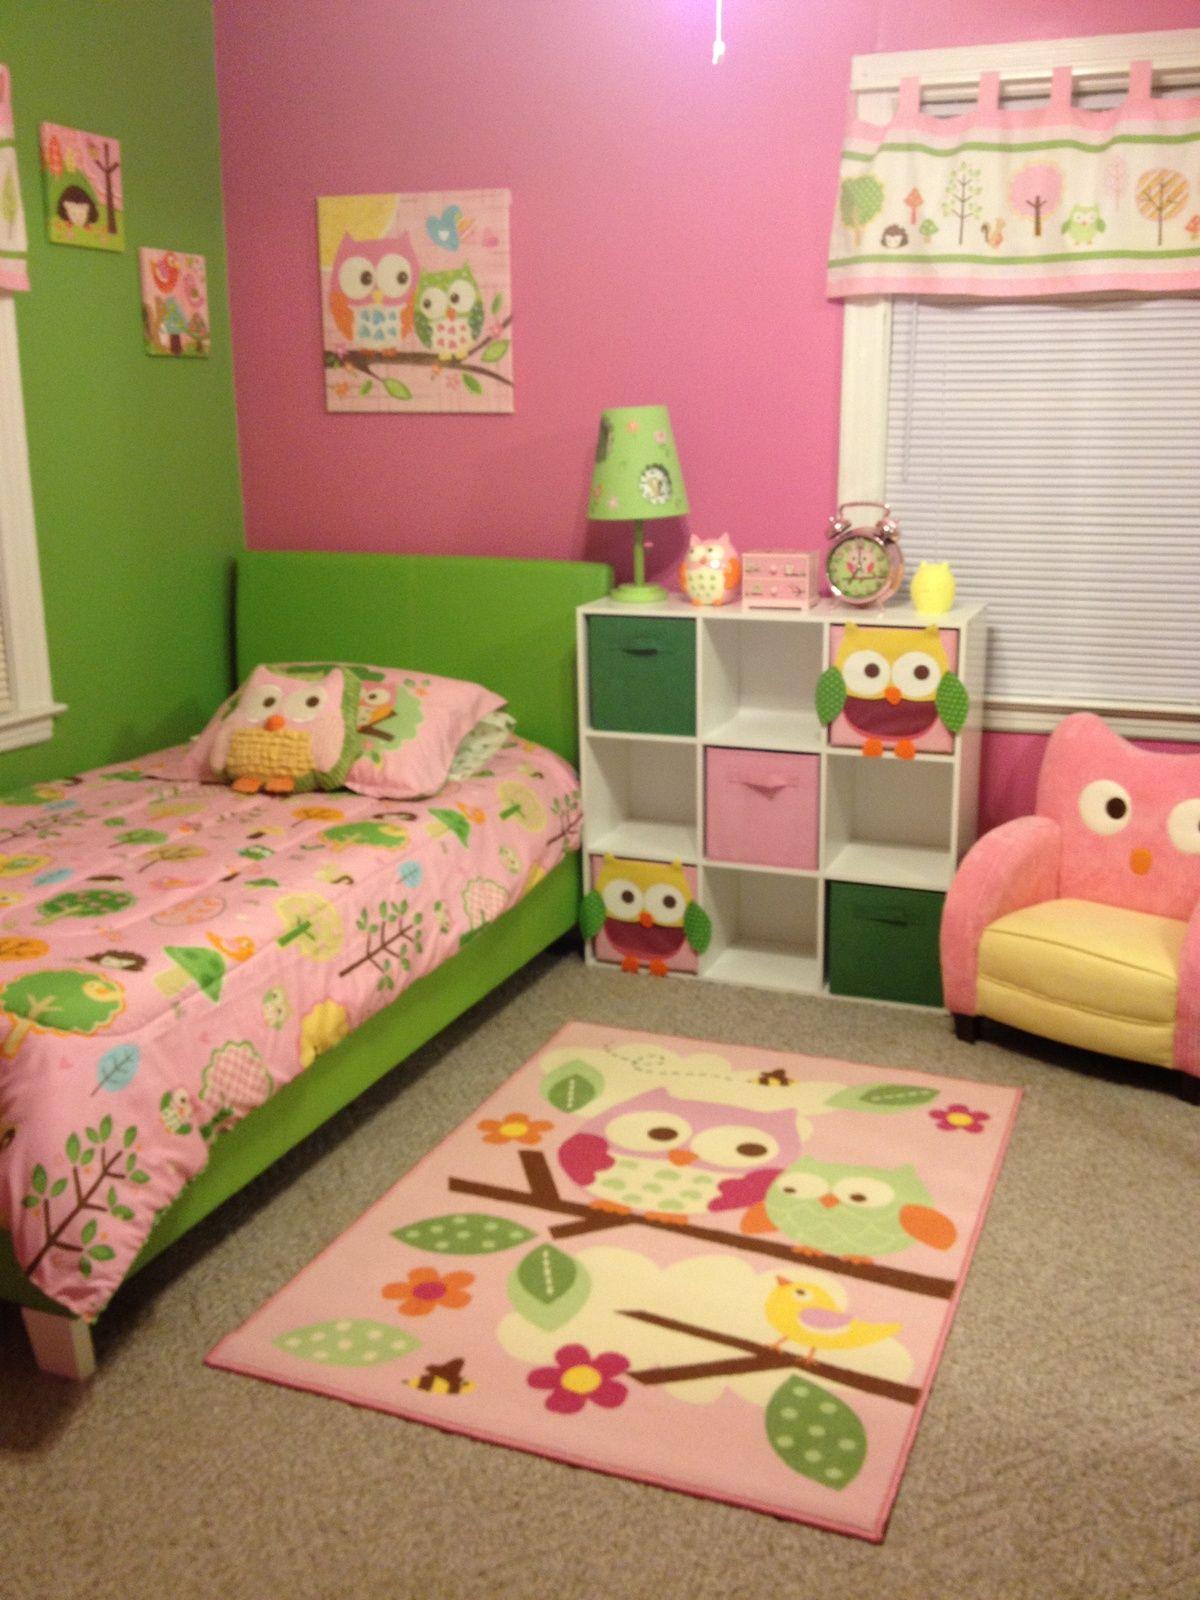 15 Owl Bedroom Decor As A Storytelling Style Ome Speak Alcobas Para Ninos Decoracion De Habitaciones